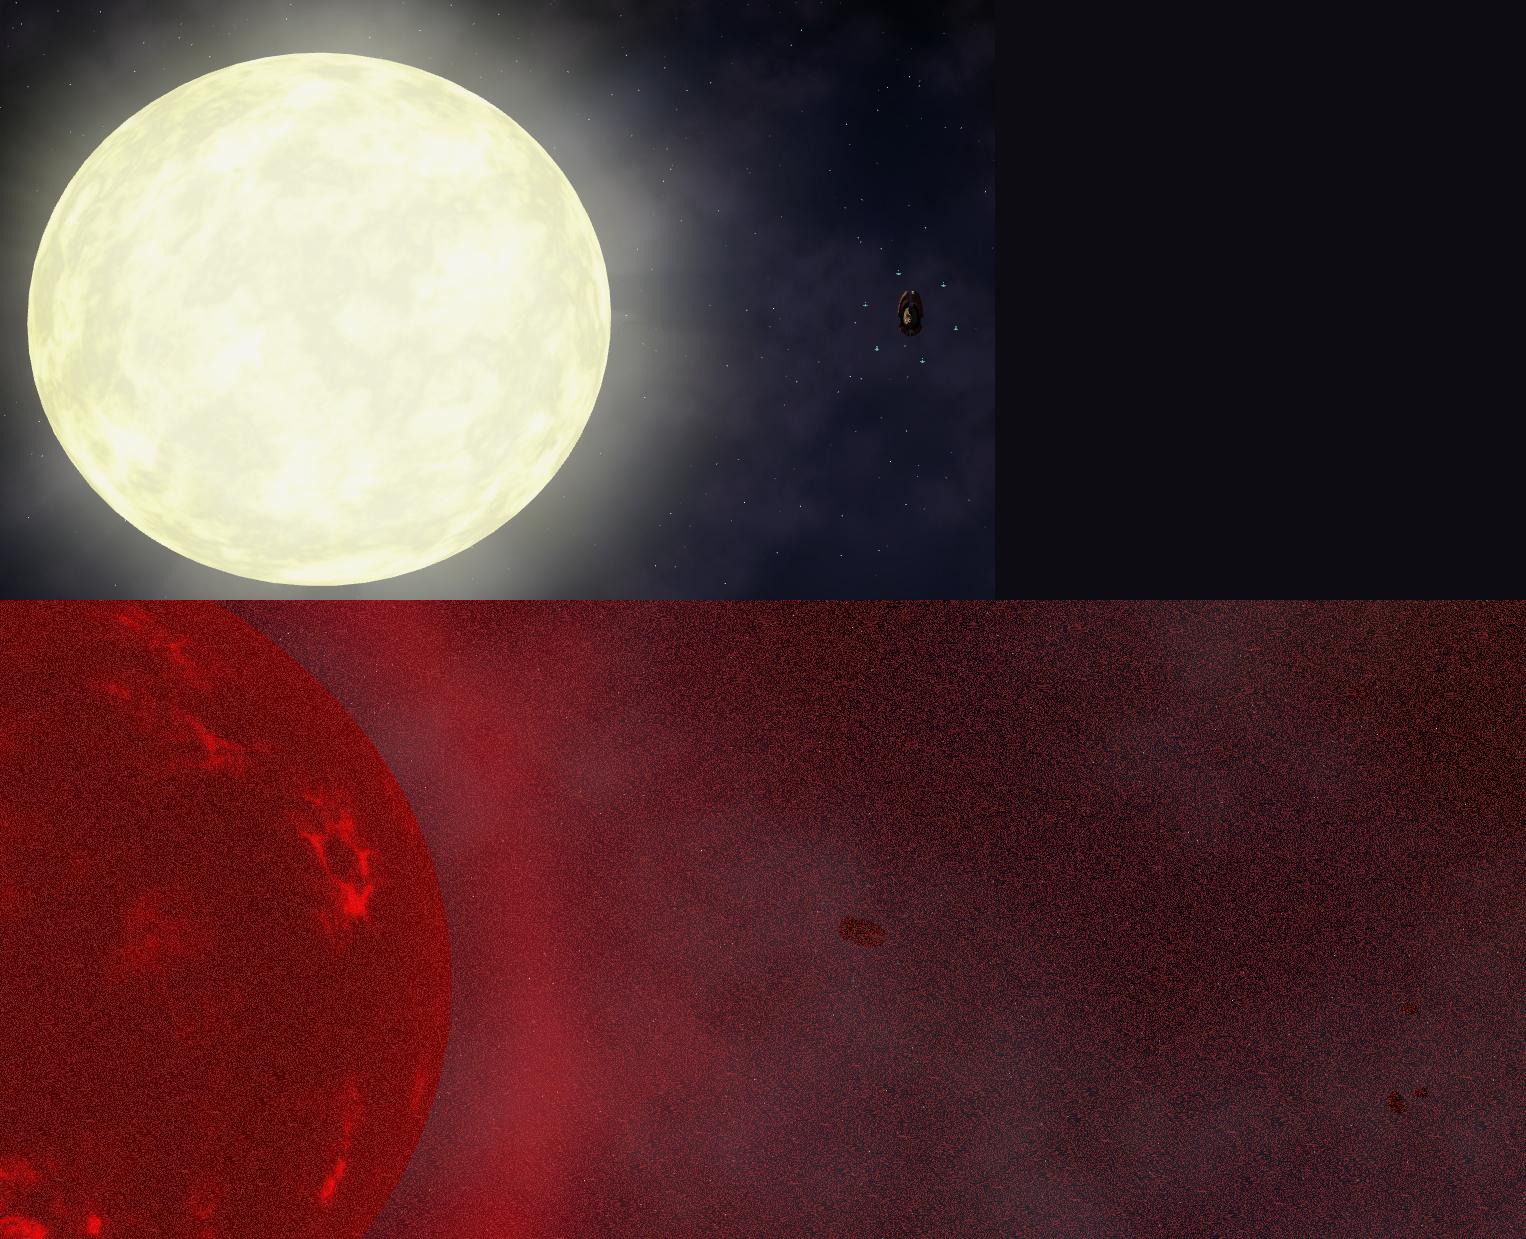 Giant Suns